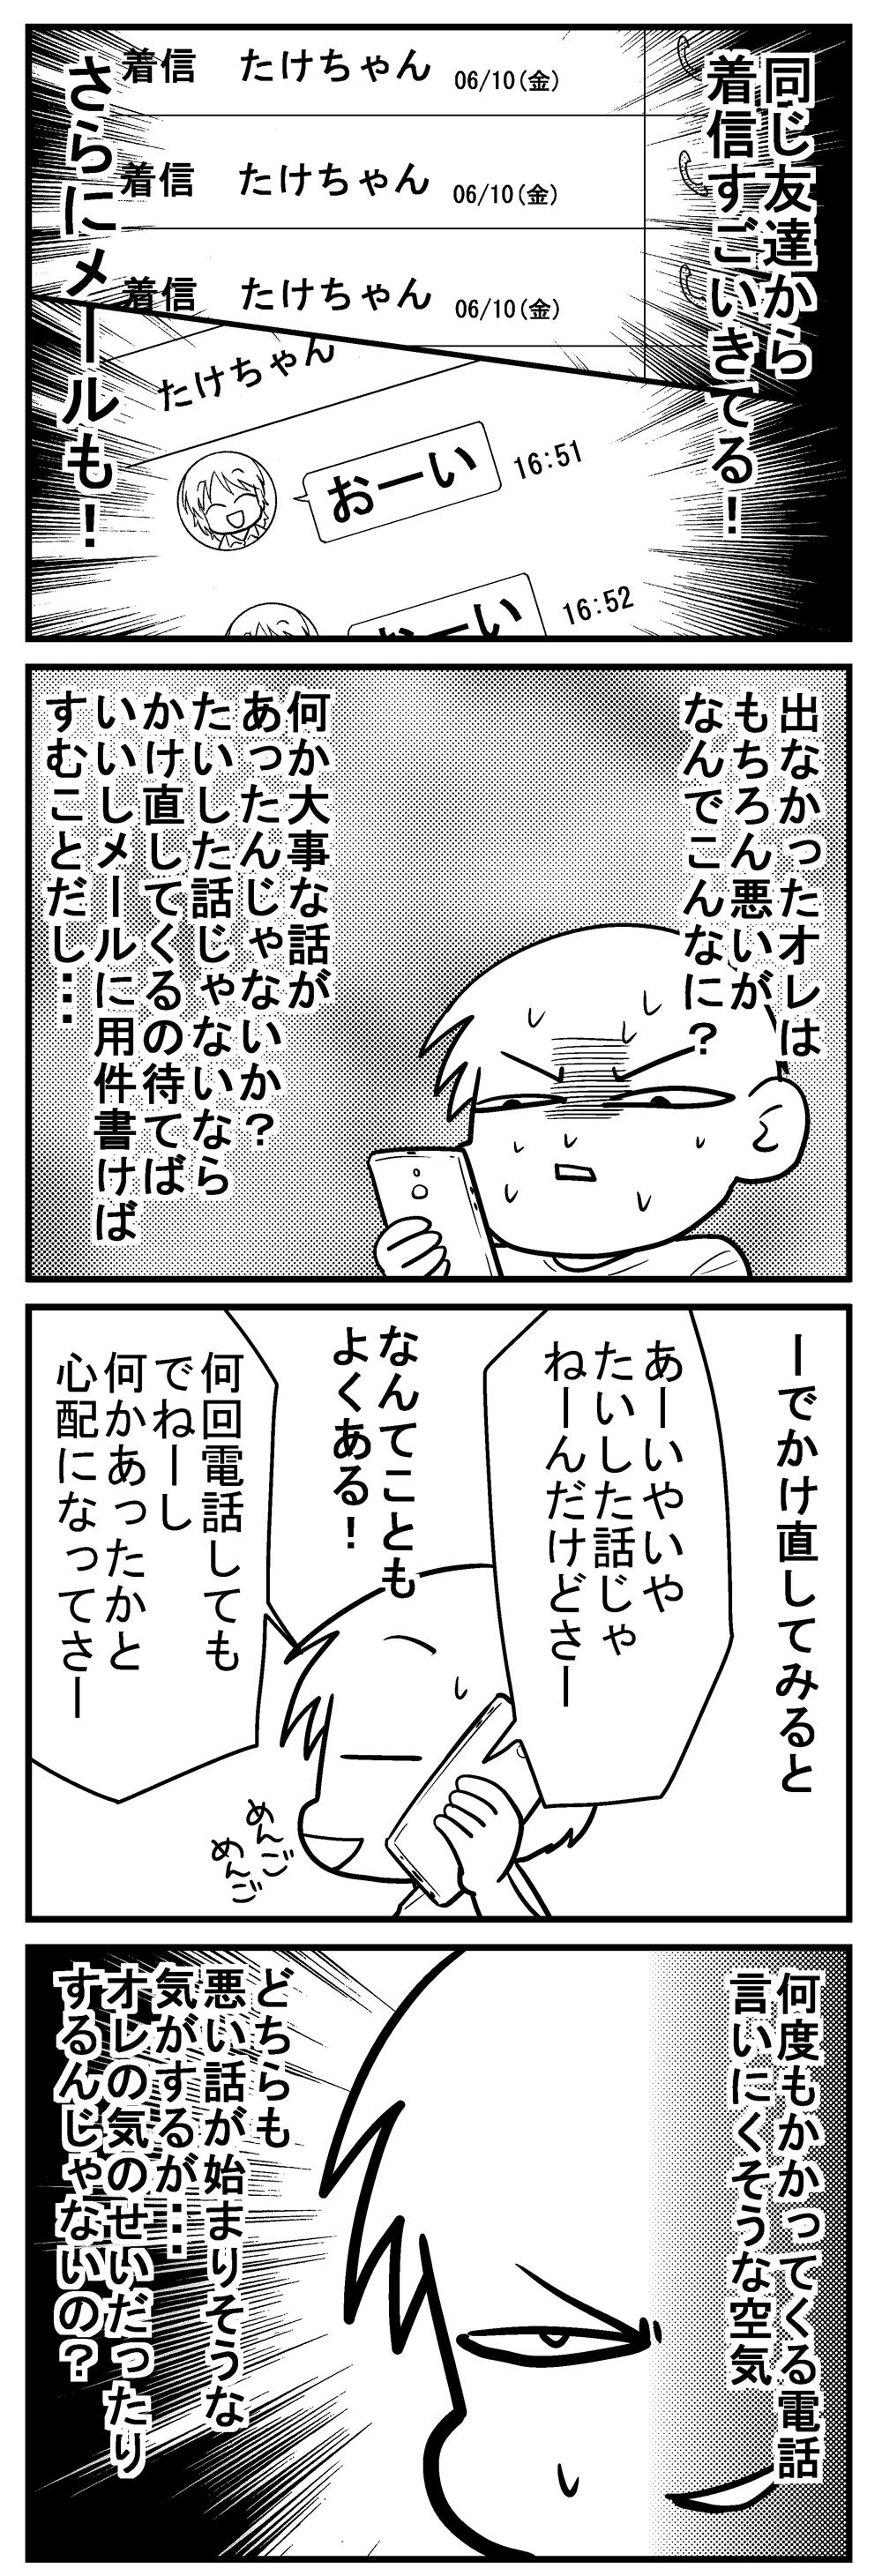 深読みくん56-3